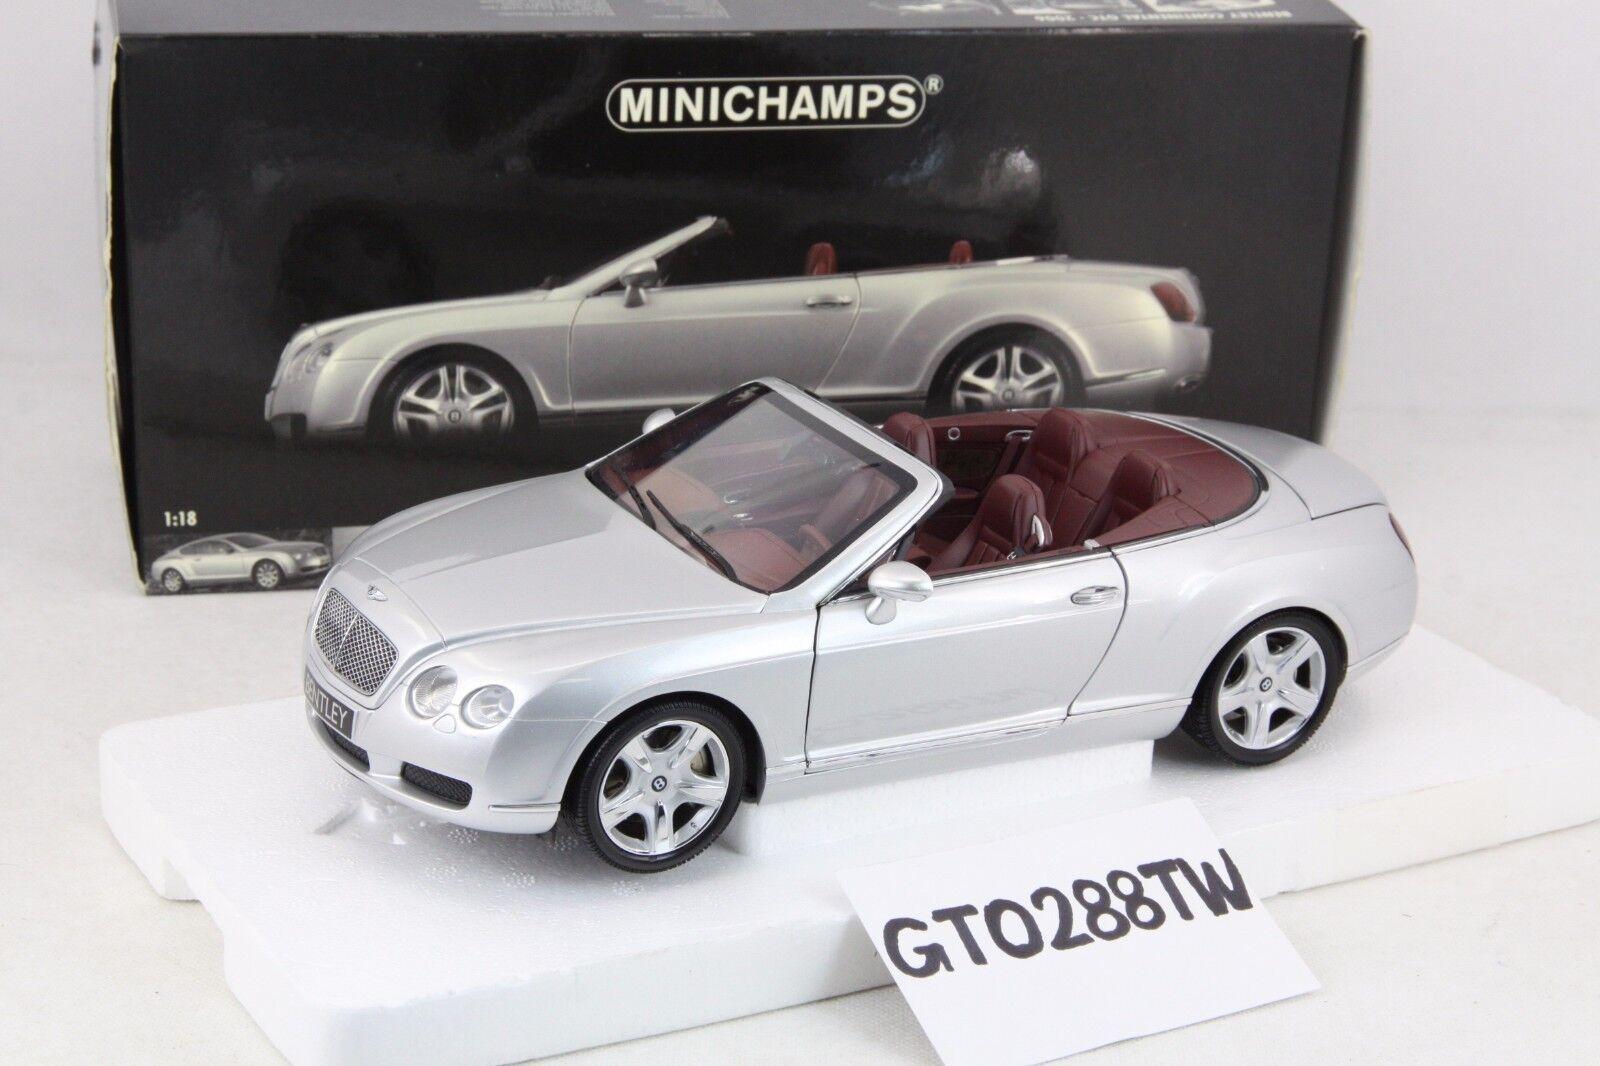 Todo en alta calidad y bajo precio. Minichamps Minichamps Minichamps Escala 1 18 Bentley Continental GTC 2006 (Plata Metálico) Raro  El ultimo 2018